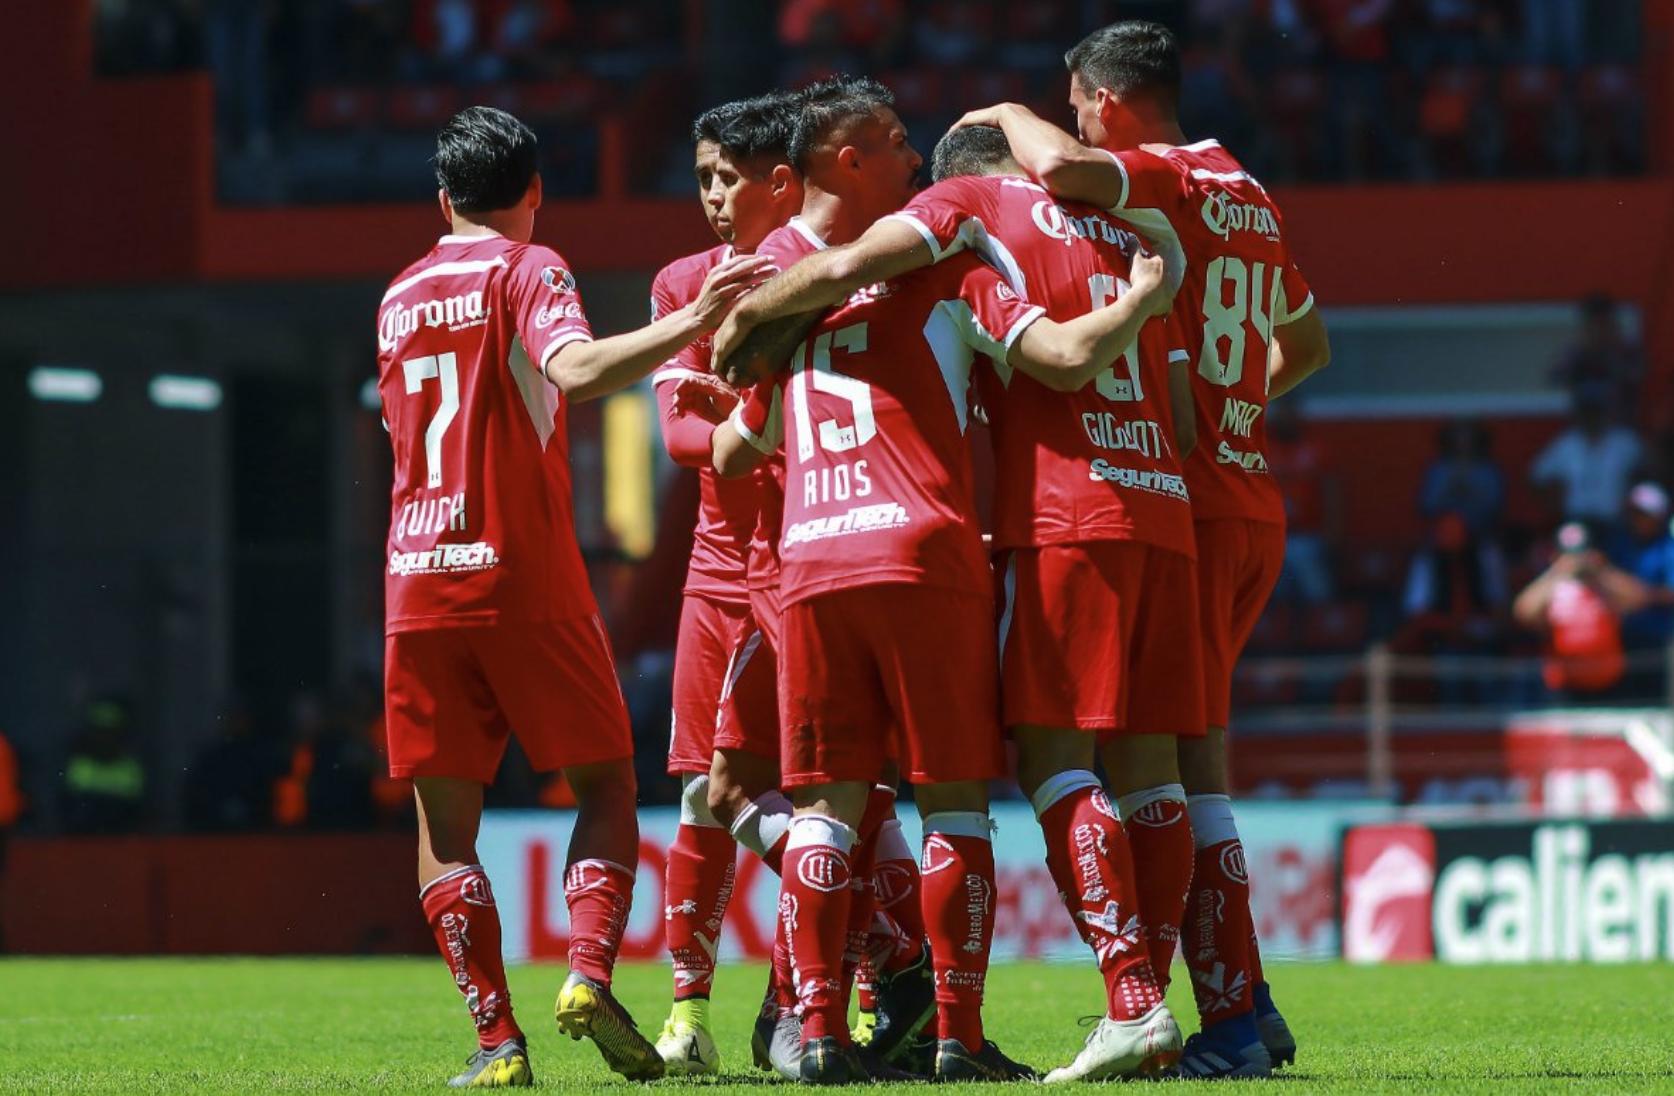 Toluca corta racha de derrotas al imponerse 3-1 a Veracruz